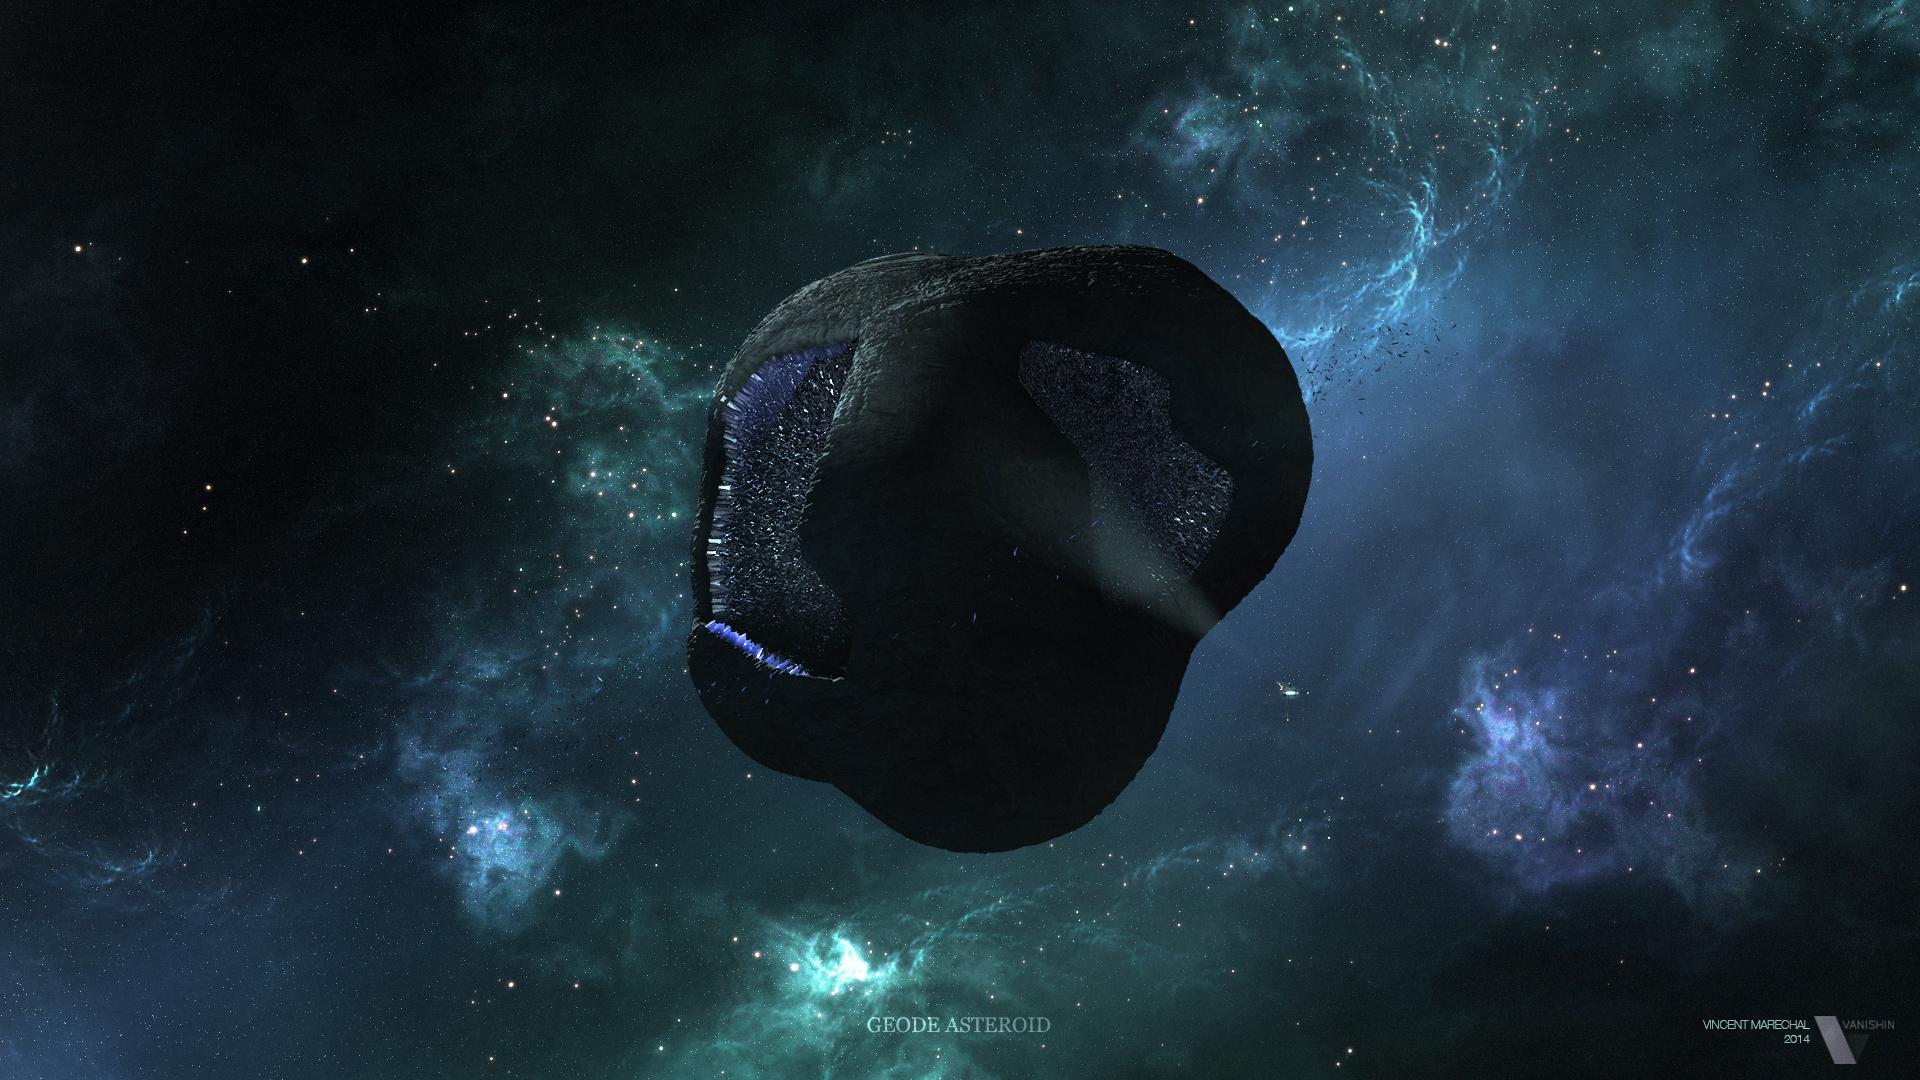 Astéroide Géode